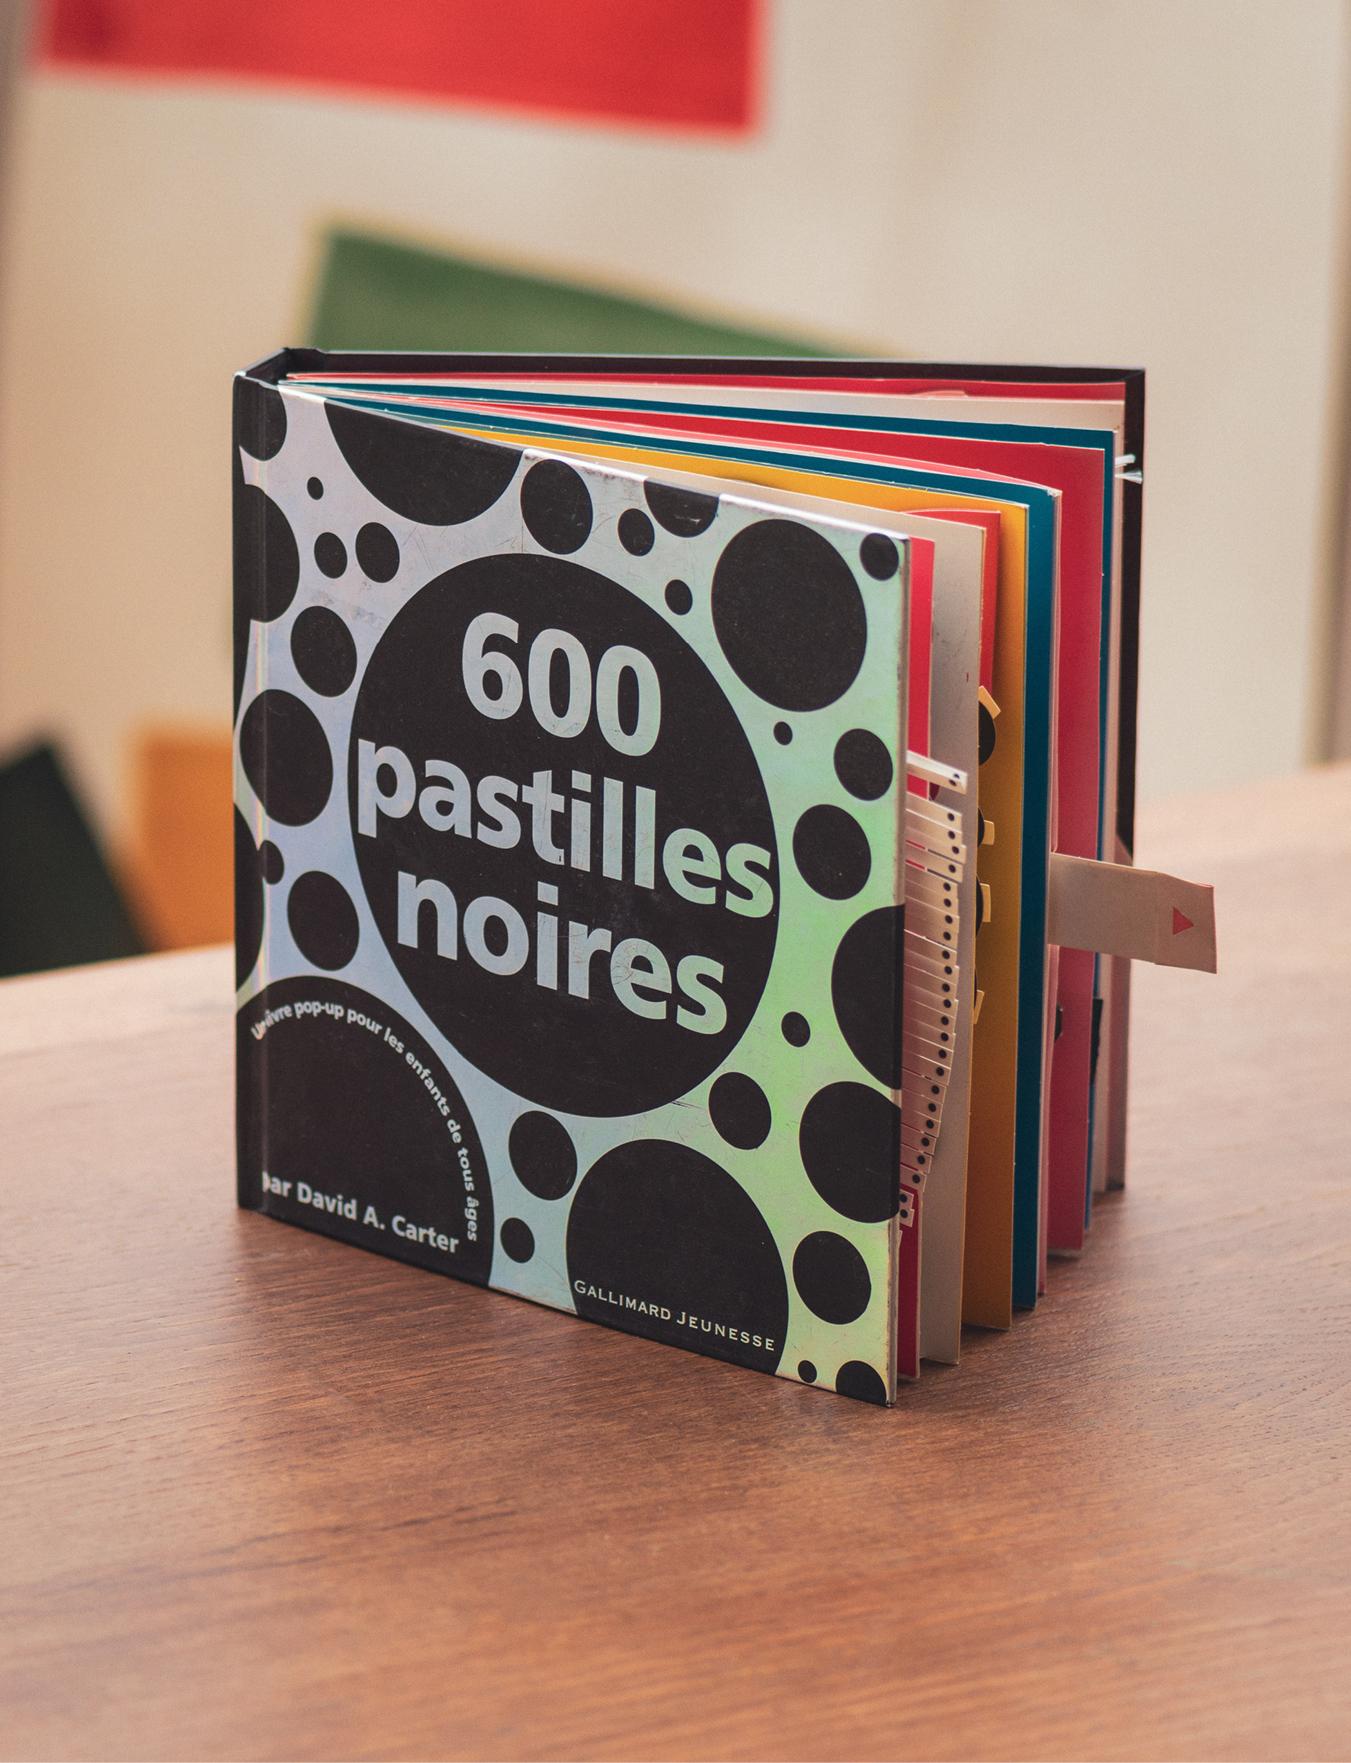 Livre 600 pastilles noires Gallimard